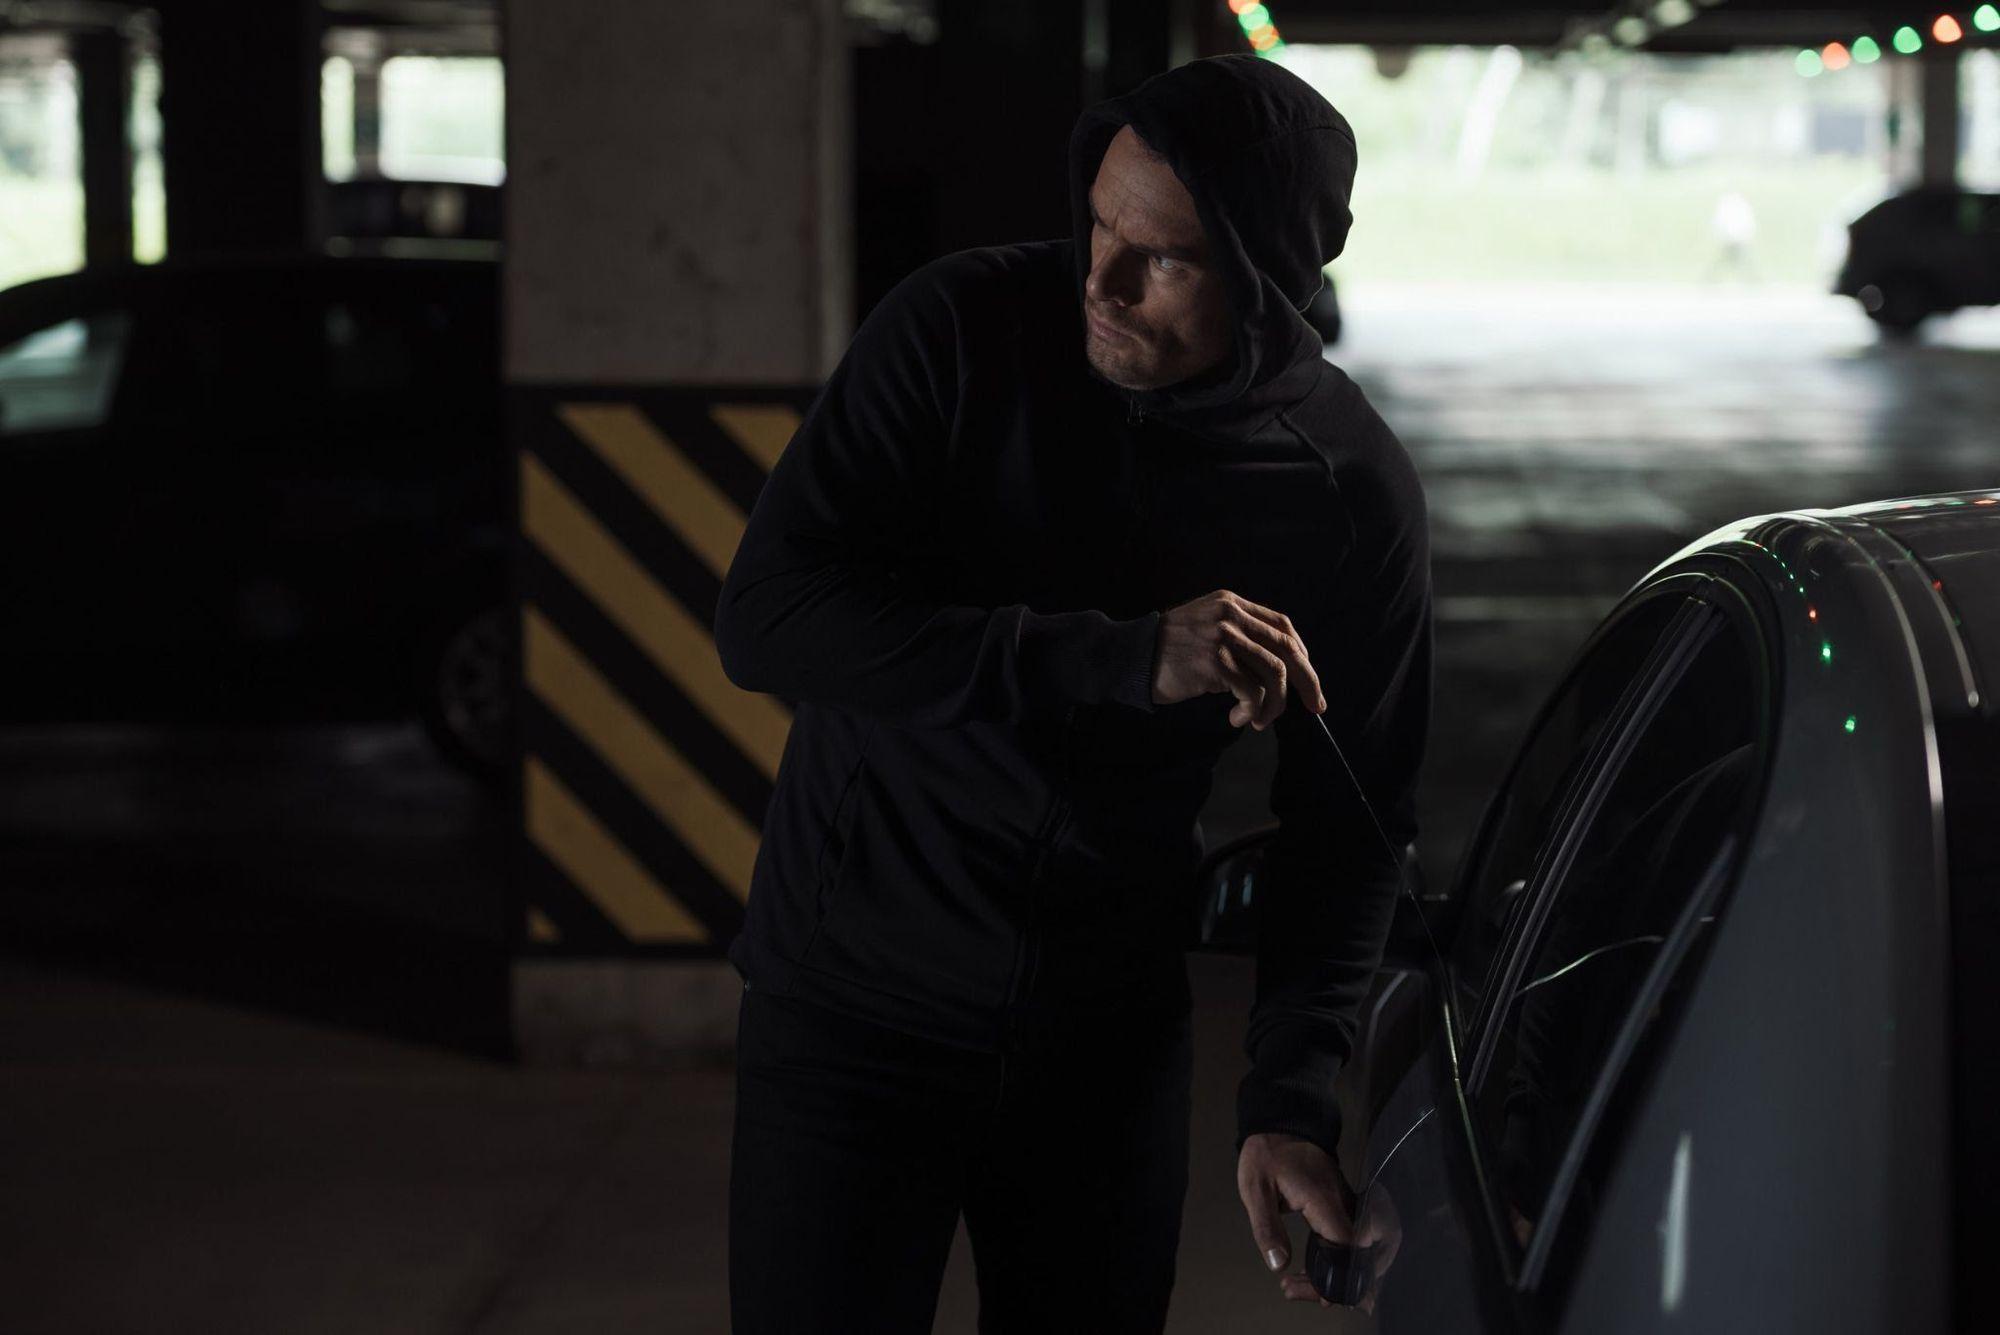 ¿Mi seguro de auto en Fort Worth cubre mis pertenencias que fueron robadas?